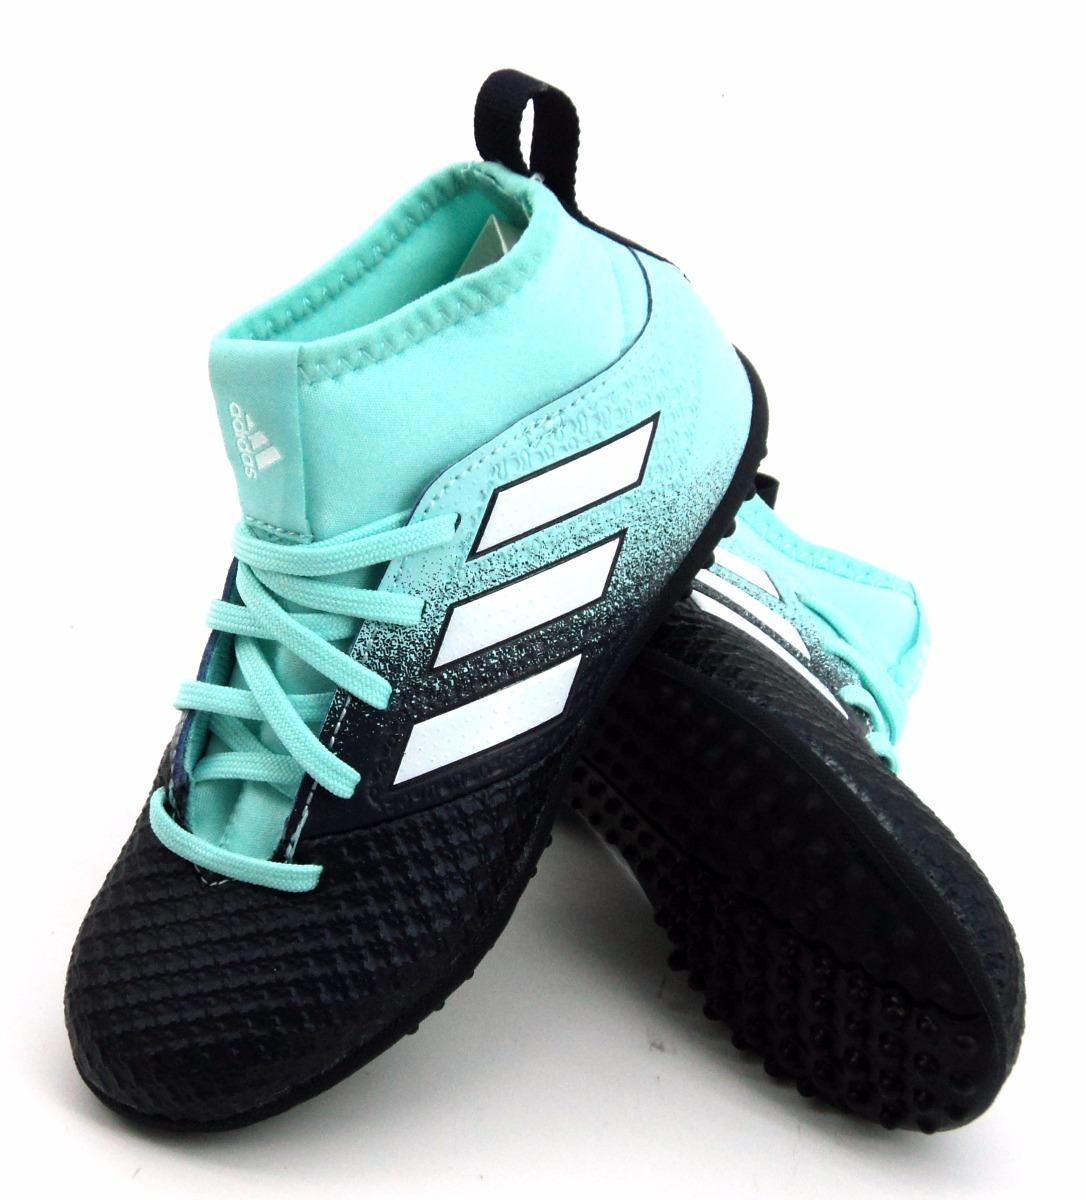 b57713cae zapatilla botin adidas ace tango 17.3 niño fútbol empo2000. Cargando zoom.